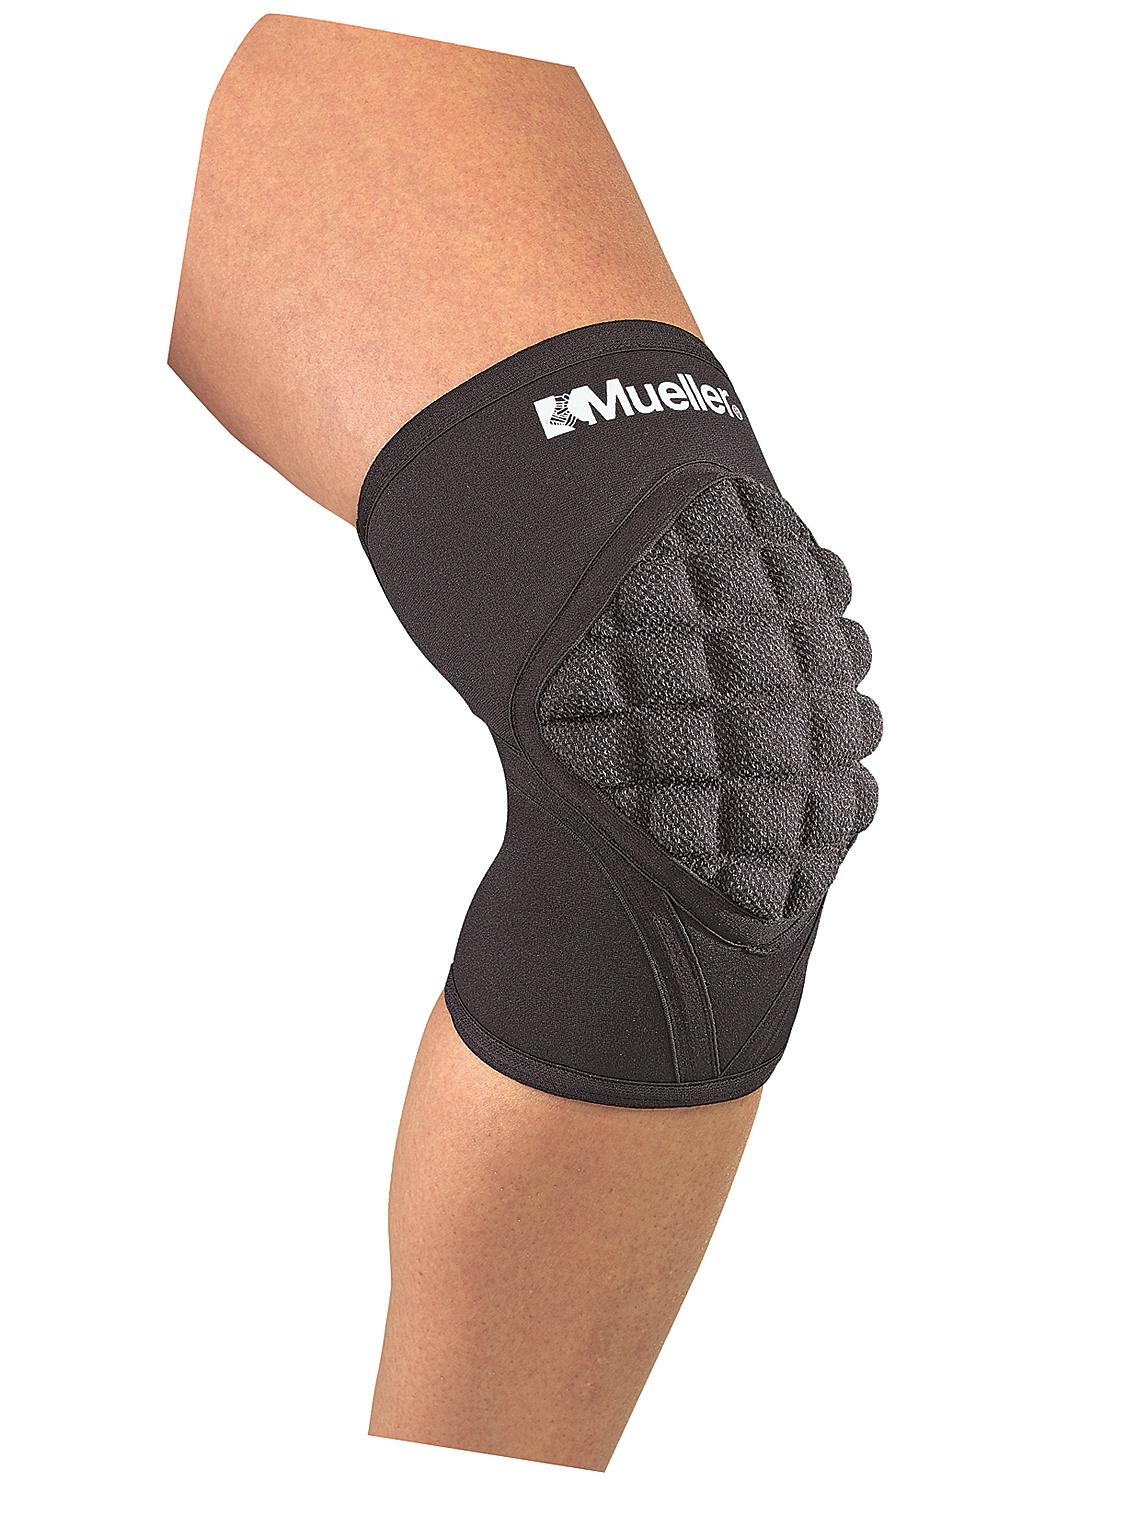 pr0-level-knee-pad-w-kevlar-xs-54530-74676545301-lr.jpg